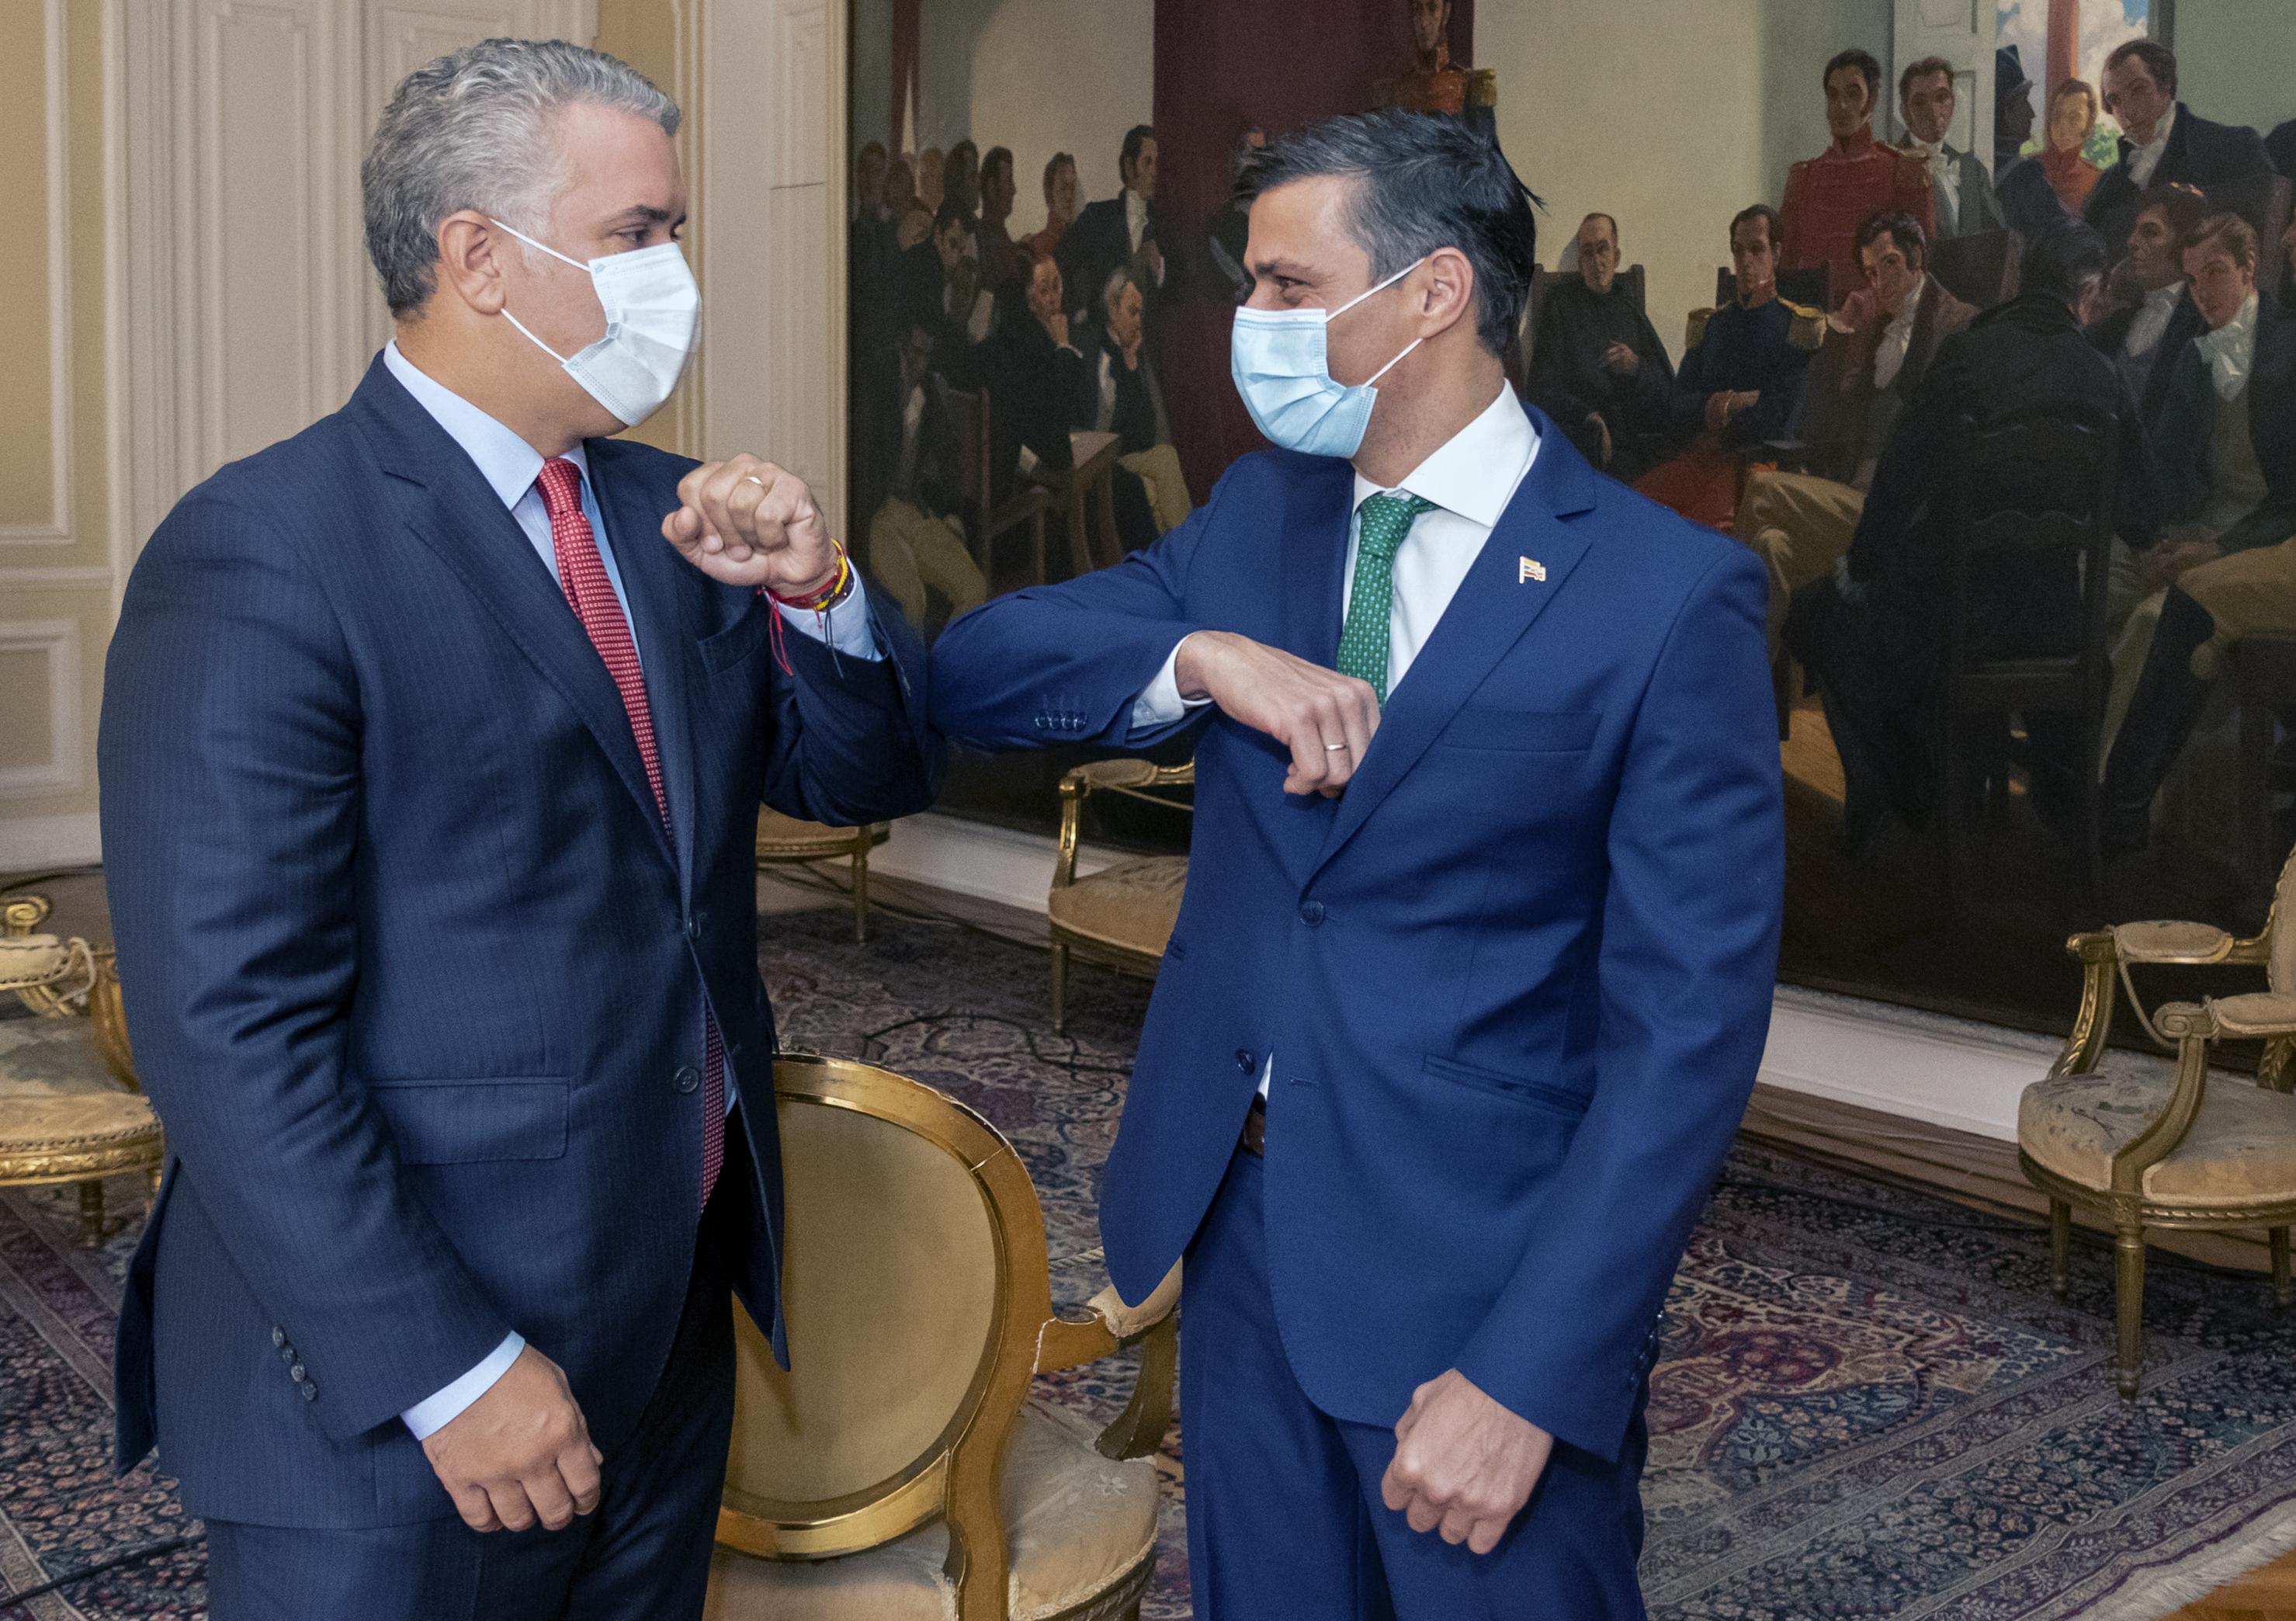 Por qué invitó Duque a Leopoldo López a su programa del coronavirus?